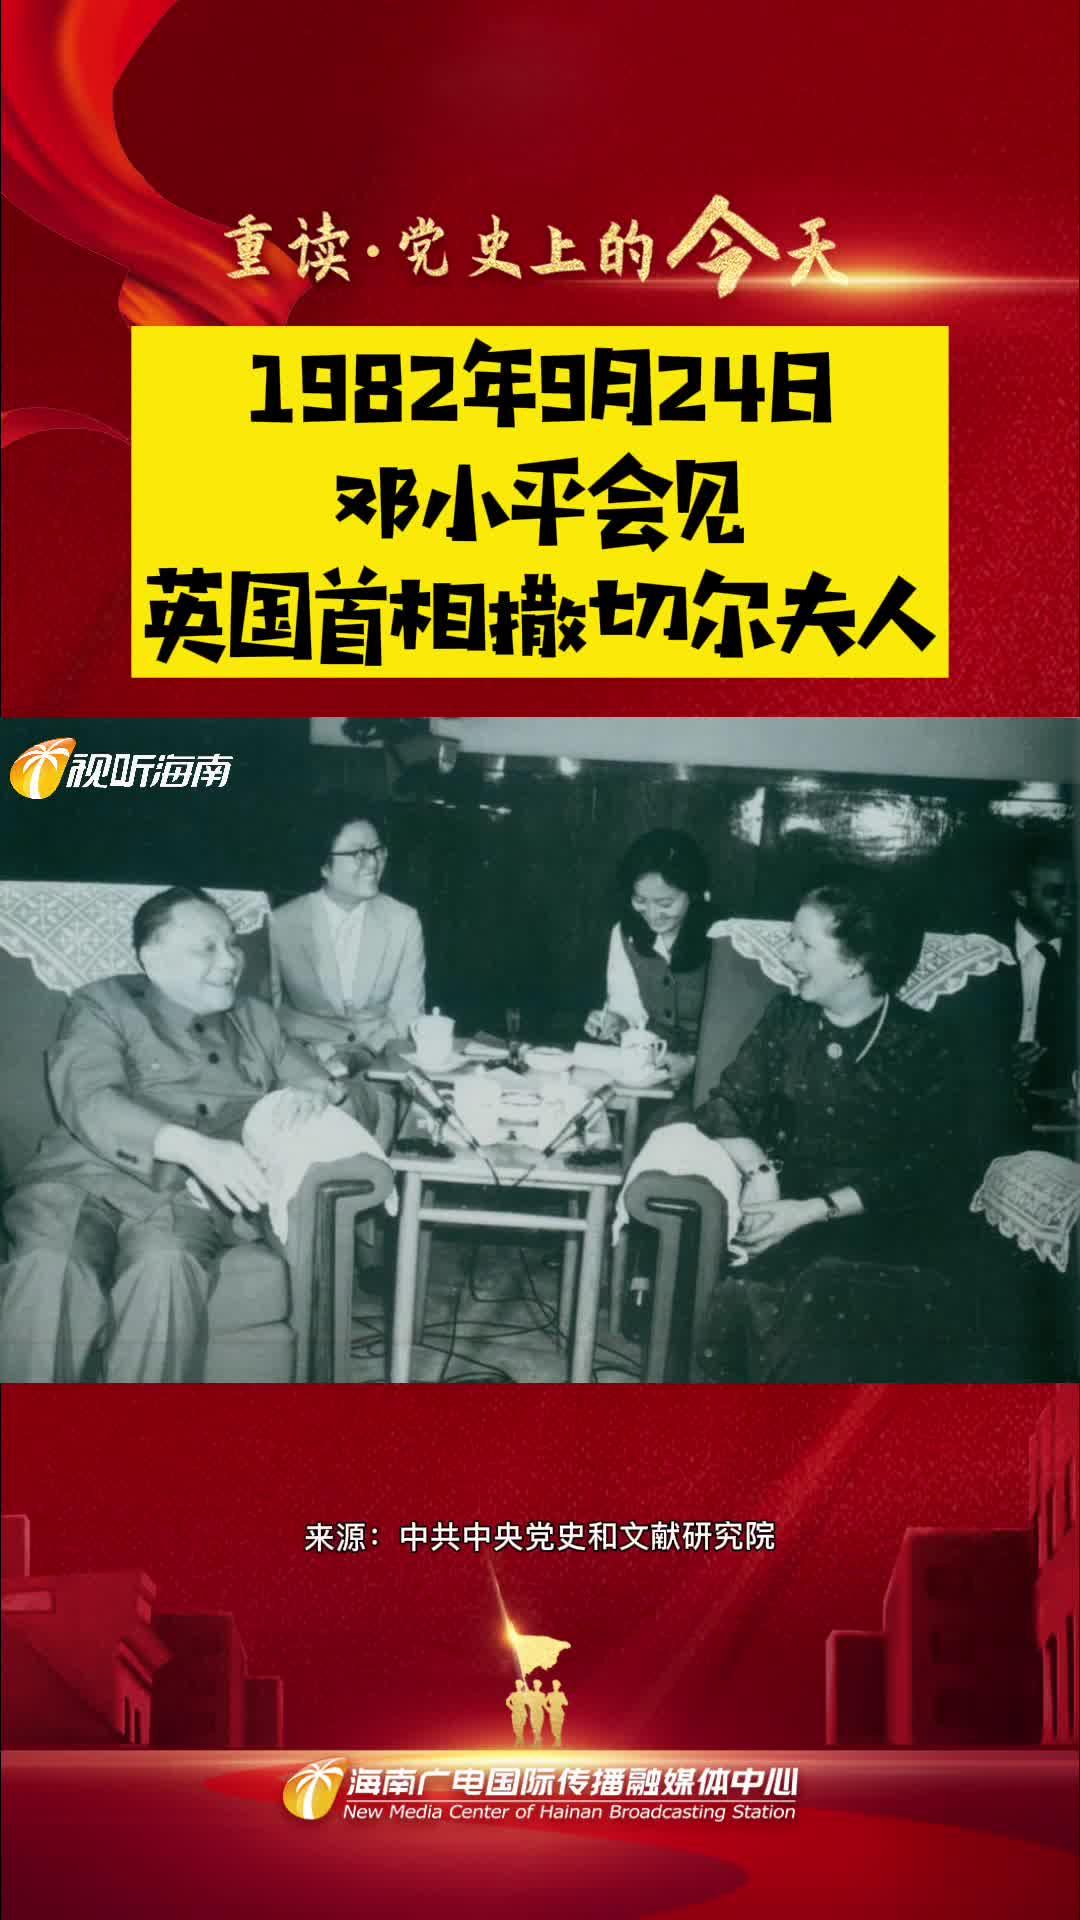 重读• 党史上的今天 1982年9月24日,邓小平会见英国首相撒切尔夫人